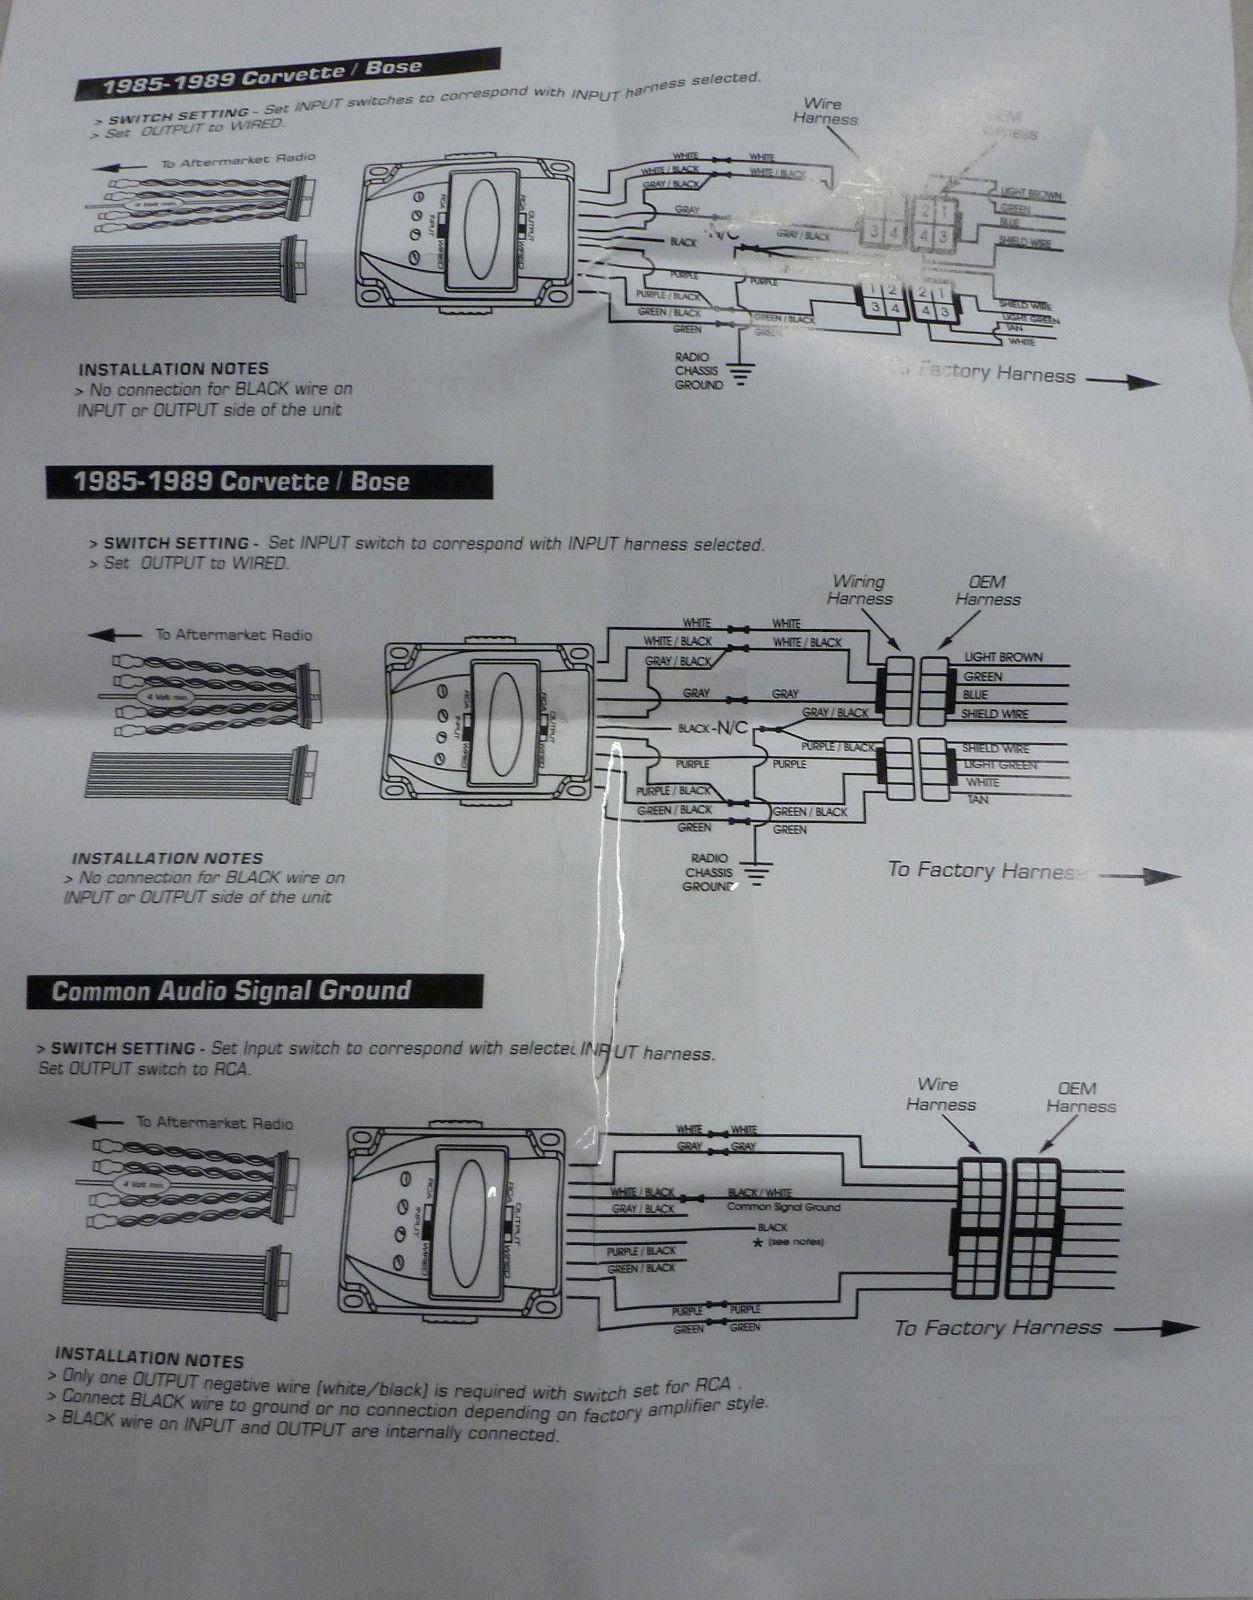 pac sni 35 wiring diagram pac sni 15 manual wiring diagram